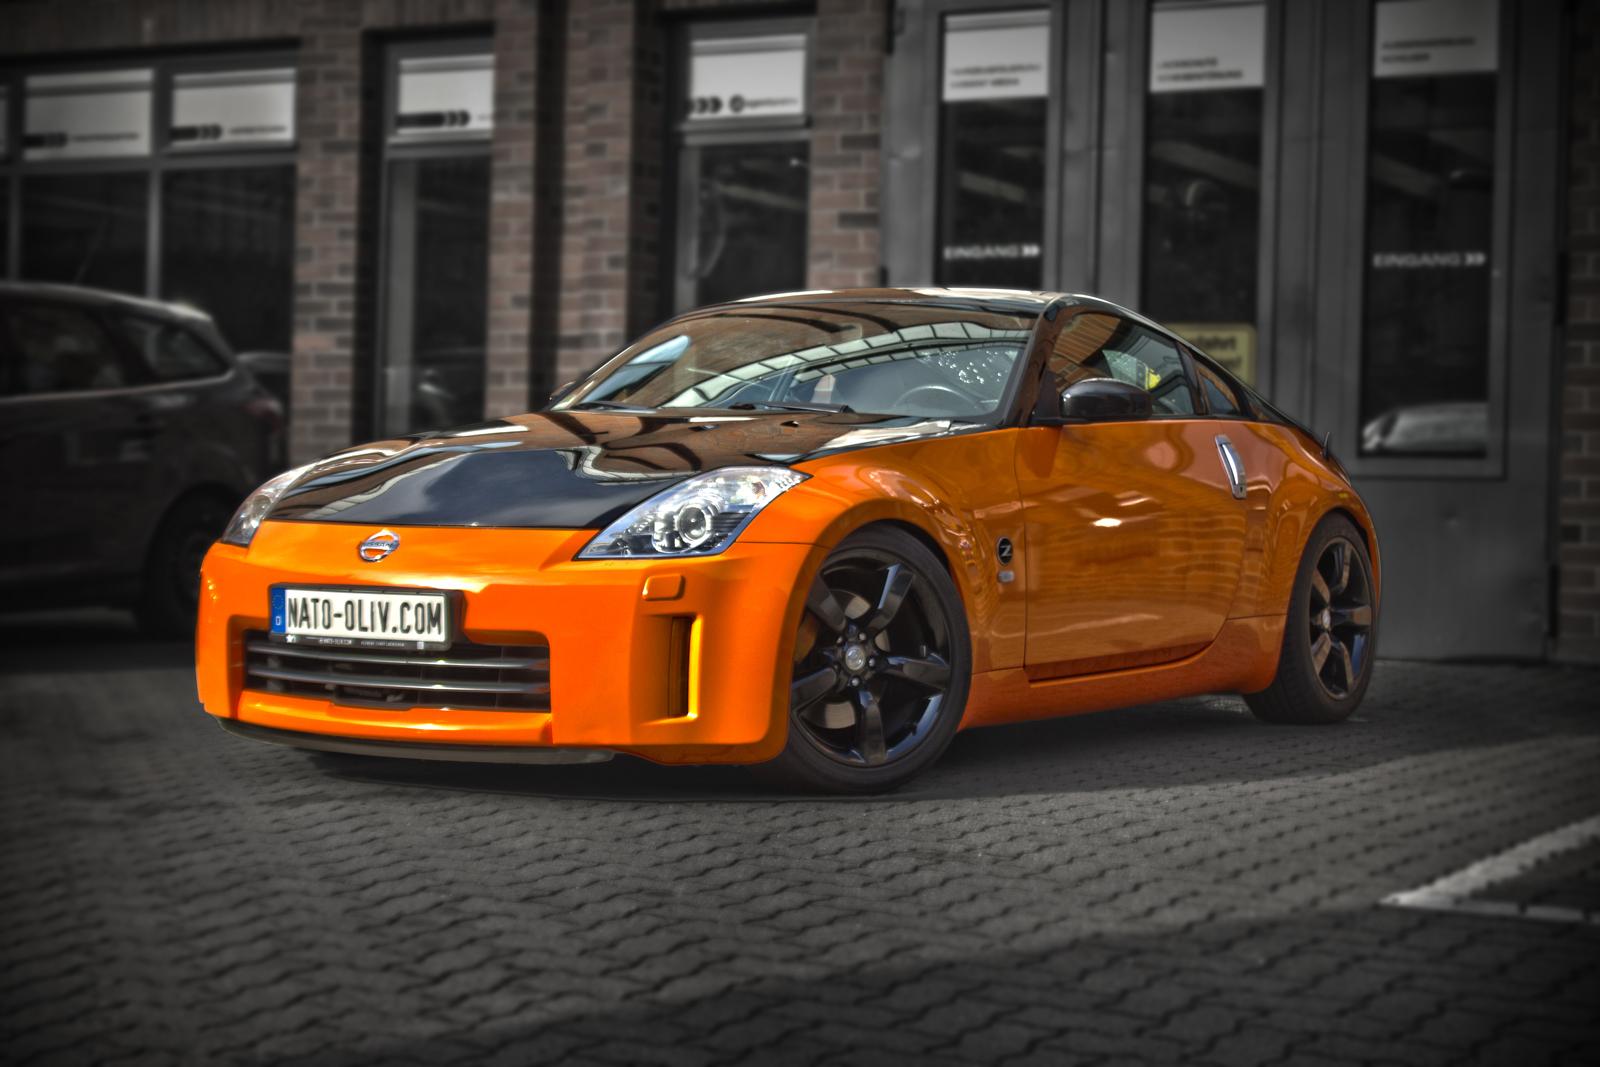 schraege Frontalansicht des Nissan 350Z mit Teilfolierung in orange glanz